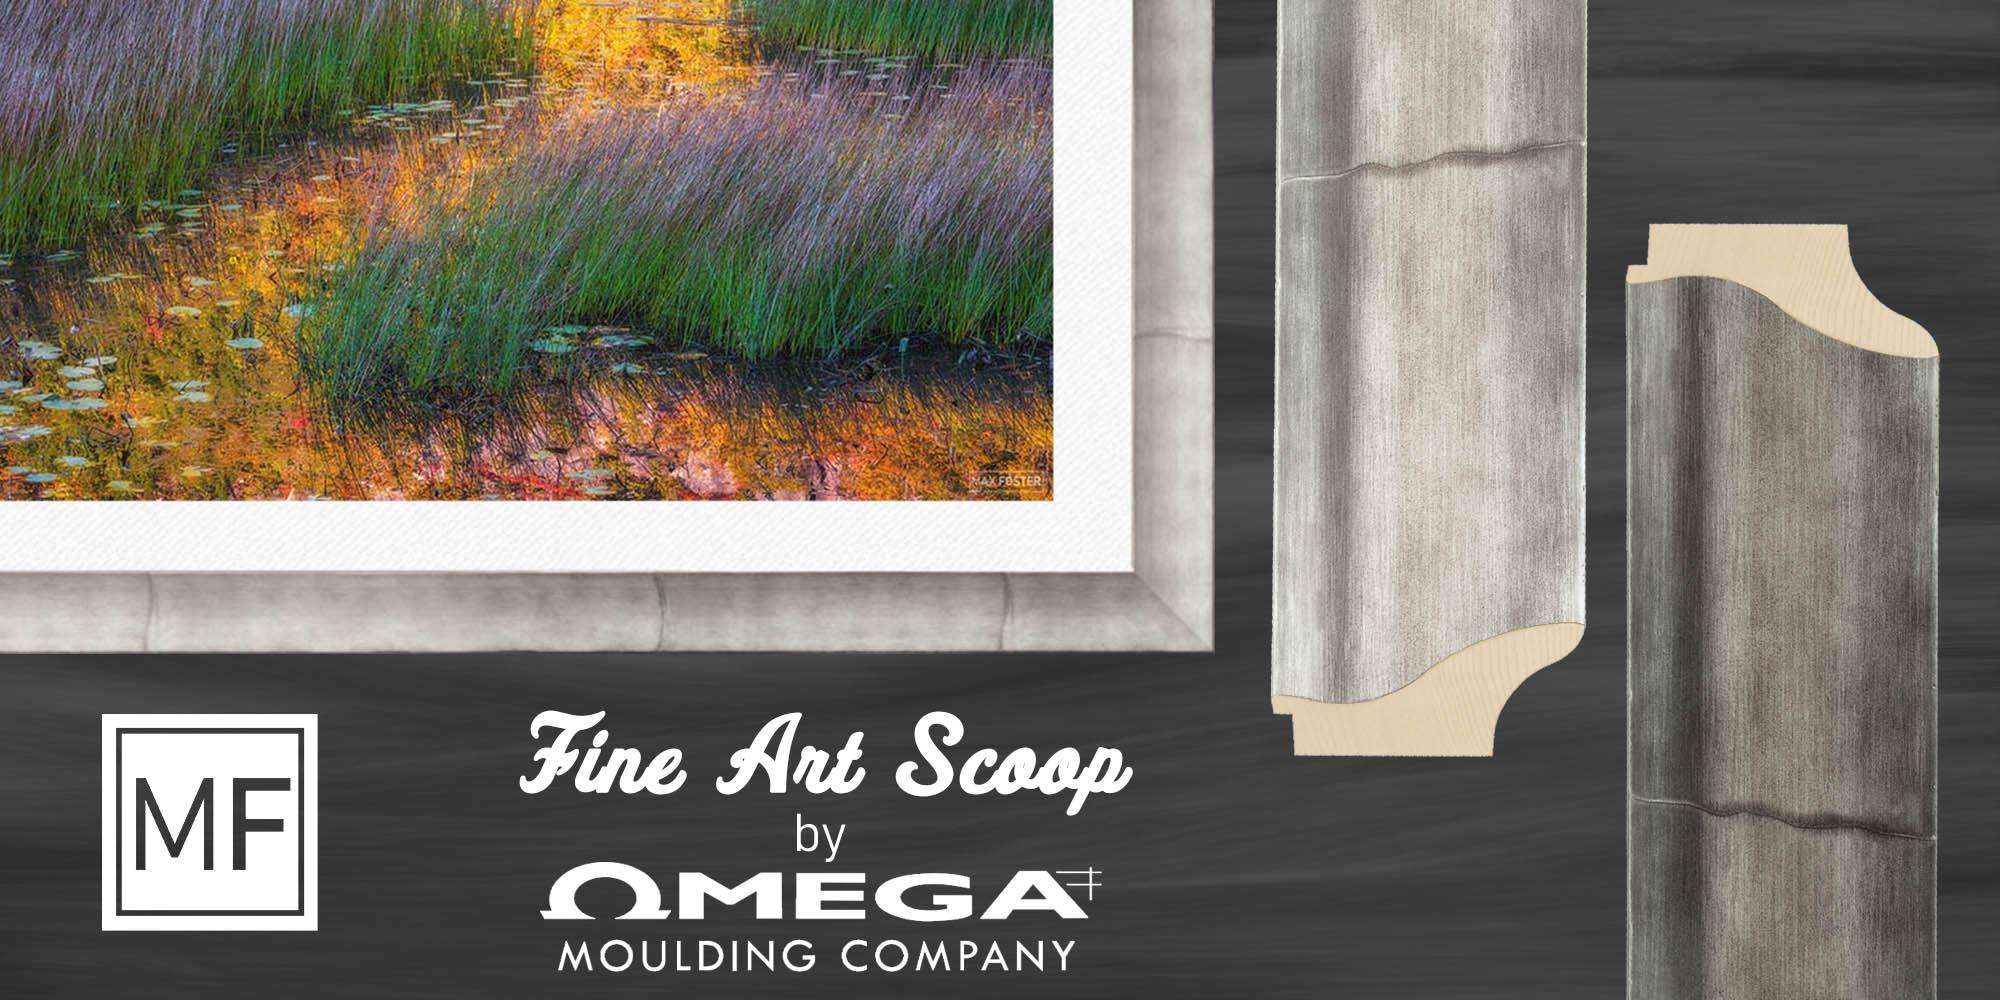 Fine Art Scoop by Omega Moulding